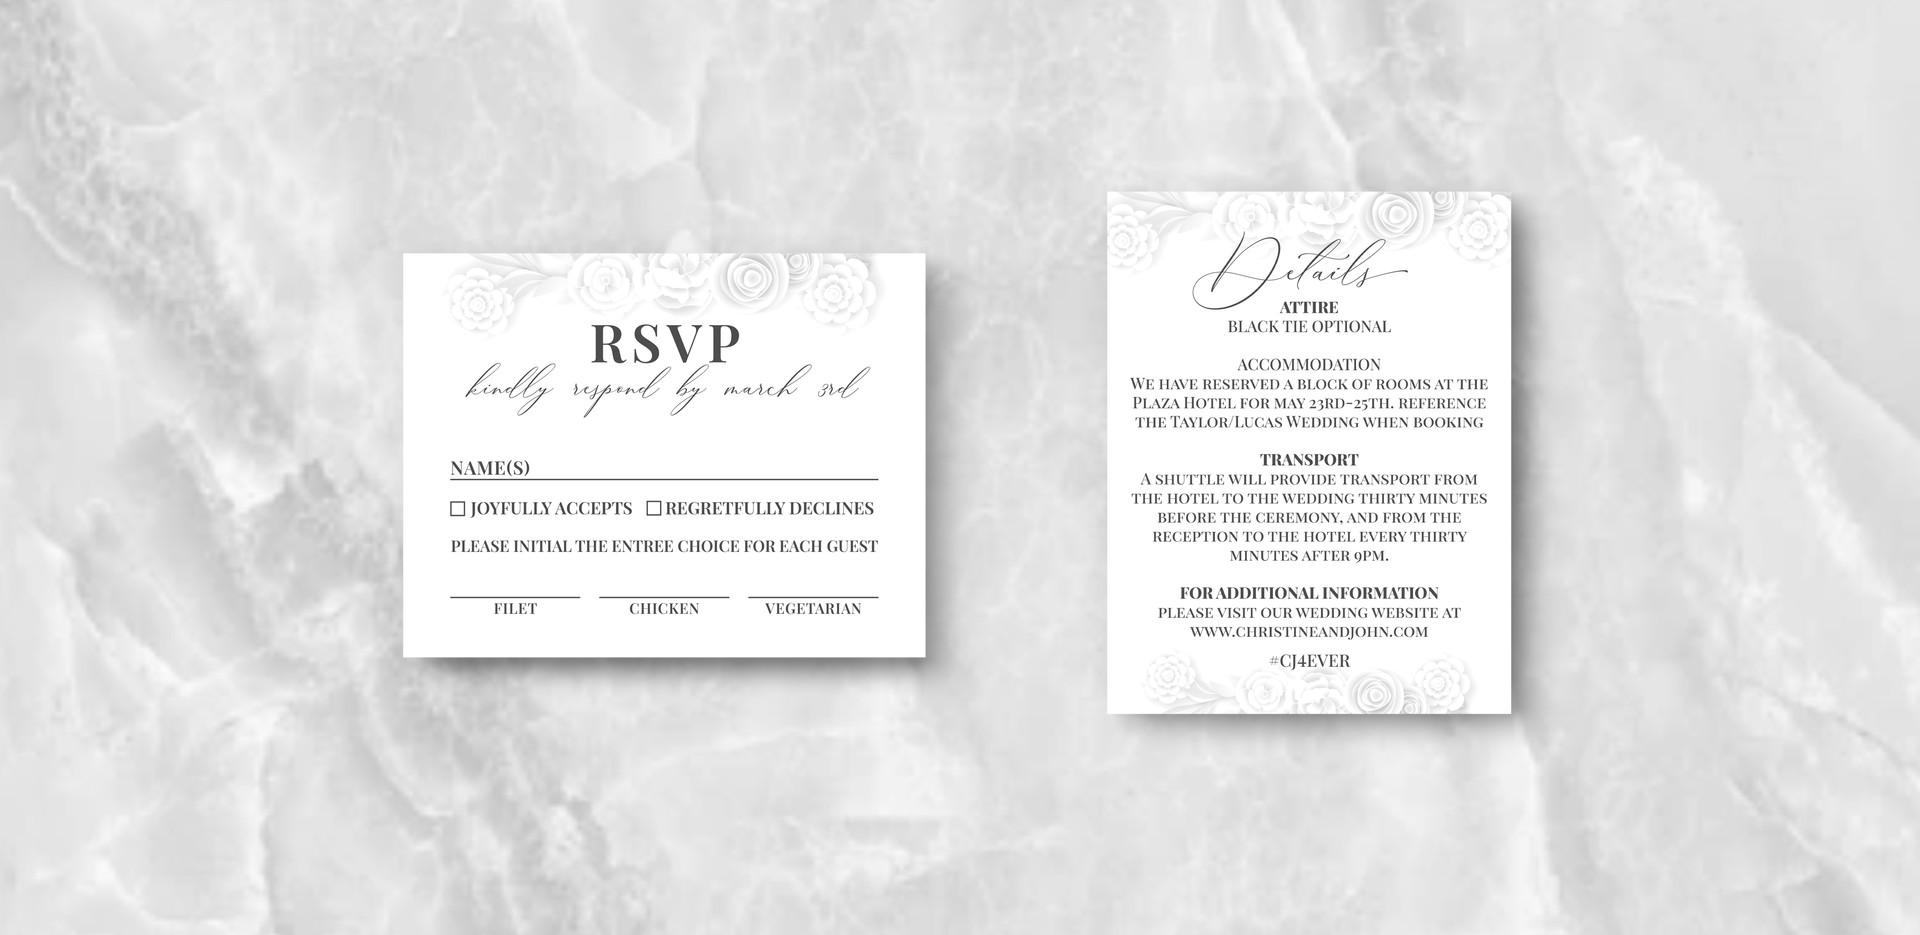 RSVP + Details